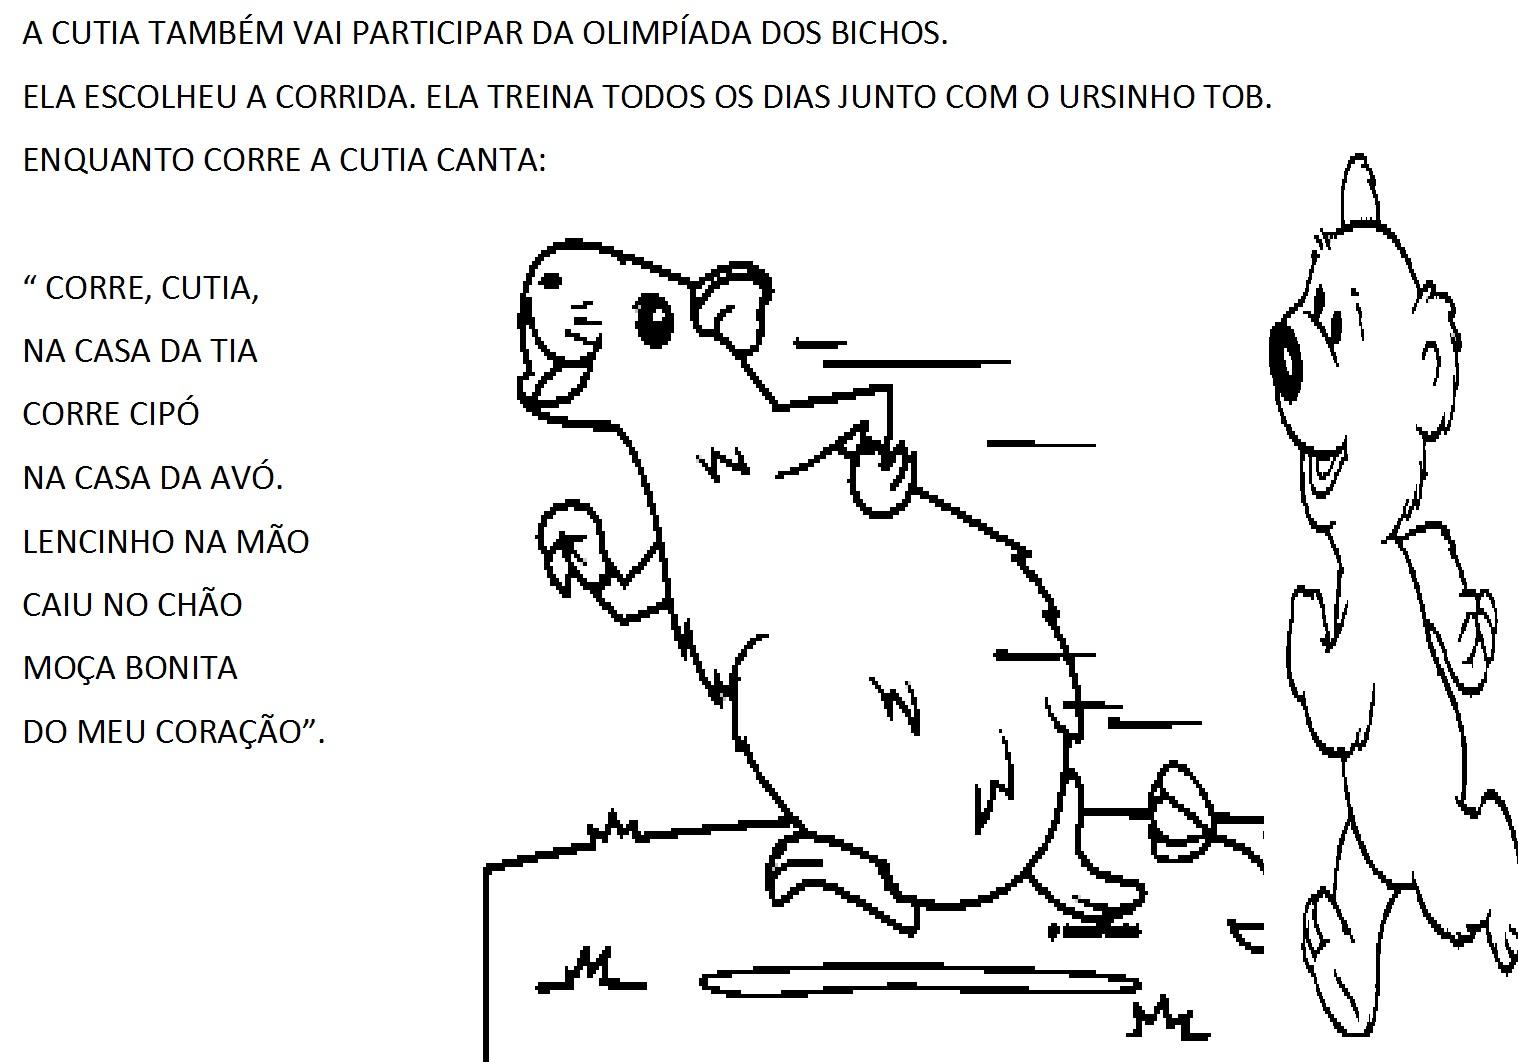 Conhecido PROFESSORA CALU, ALFABETIZAÇÃO COM AMOR: A OLIMPÍADAS DOS BICHOS HG36